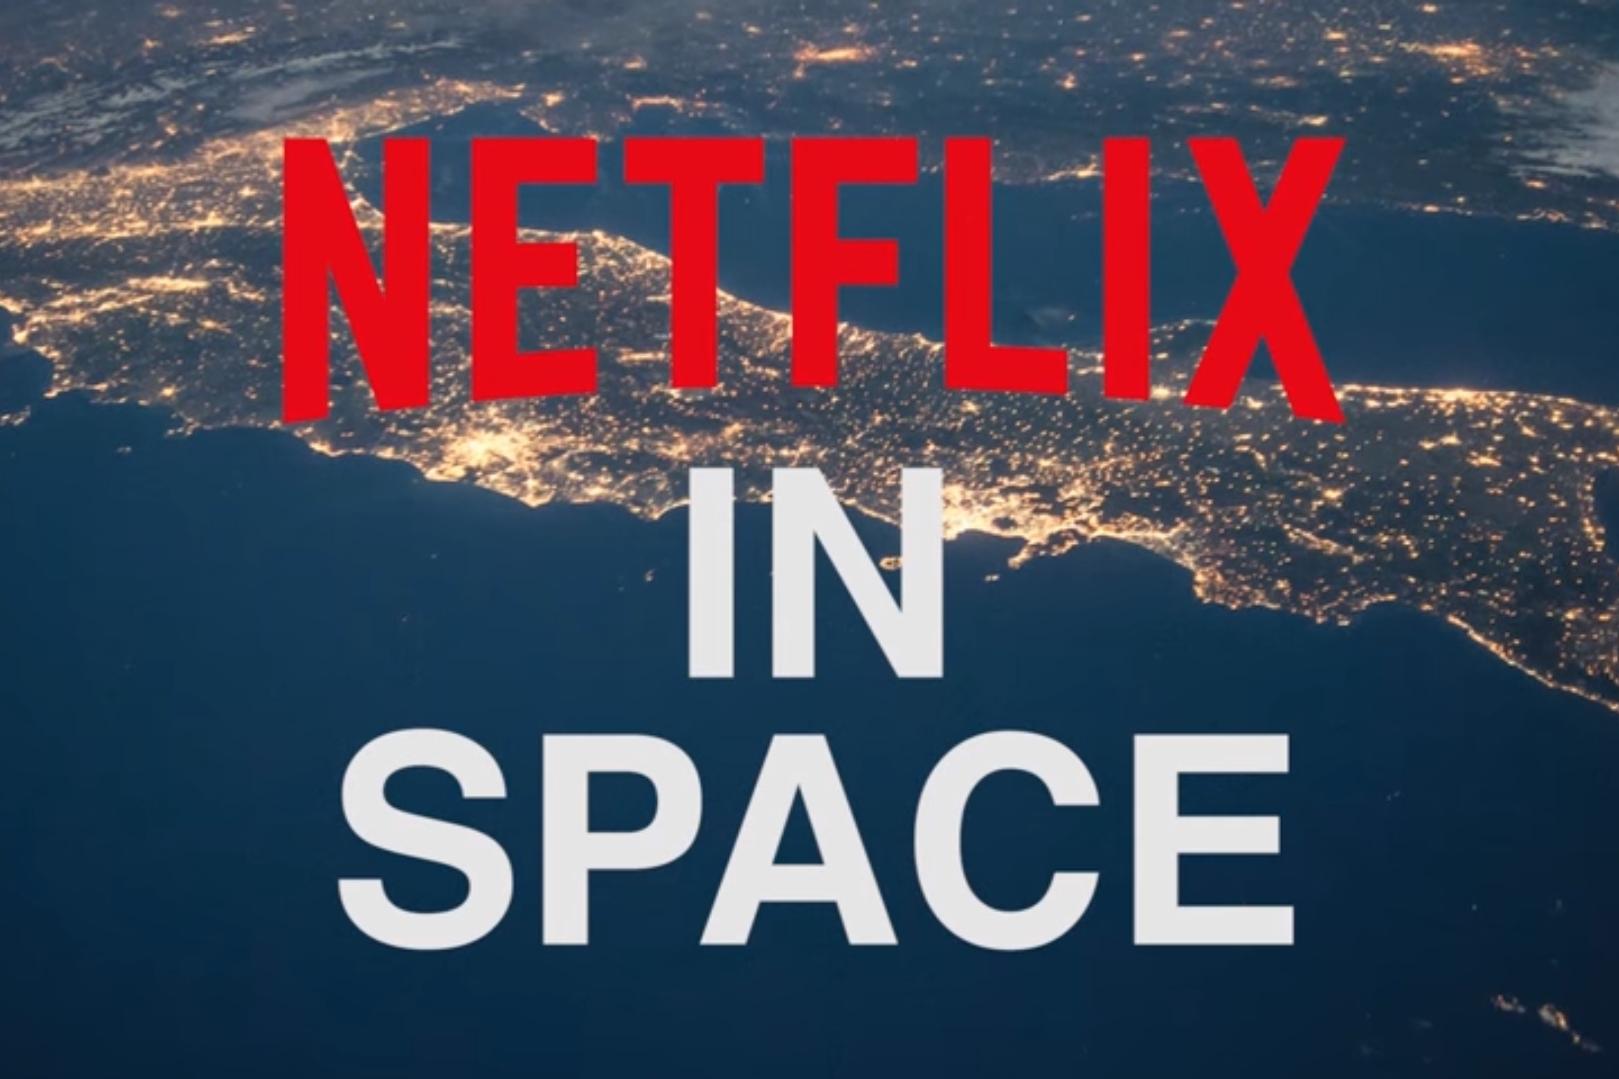 Imagem de Porque tudo fica melhor no espaço, a Netflix levou seu serviço para lá no tecmundo